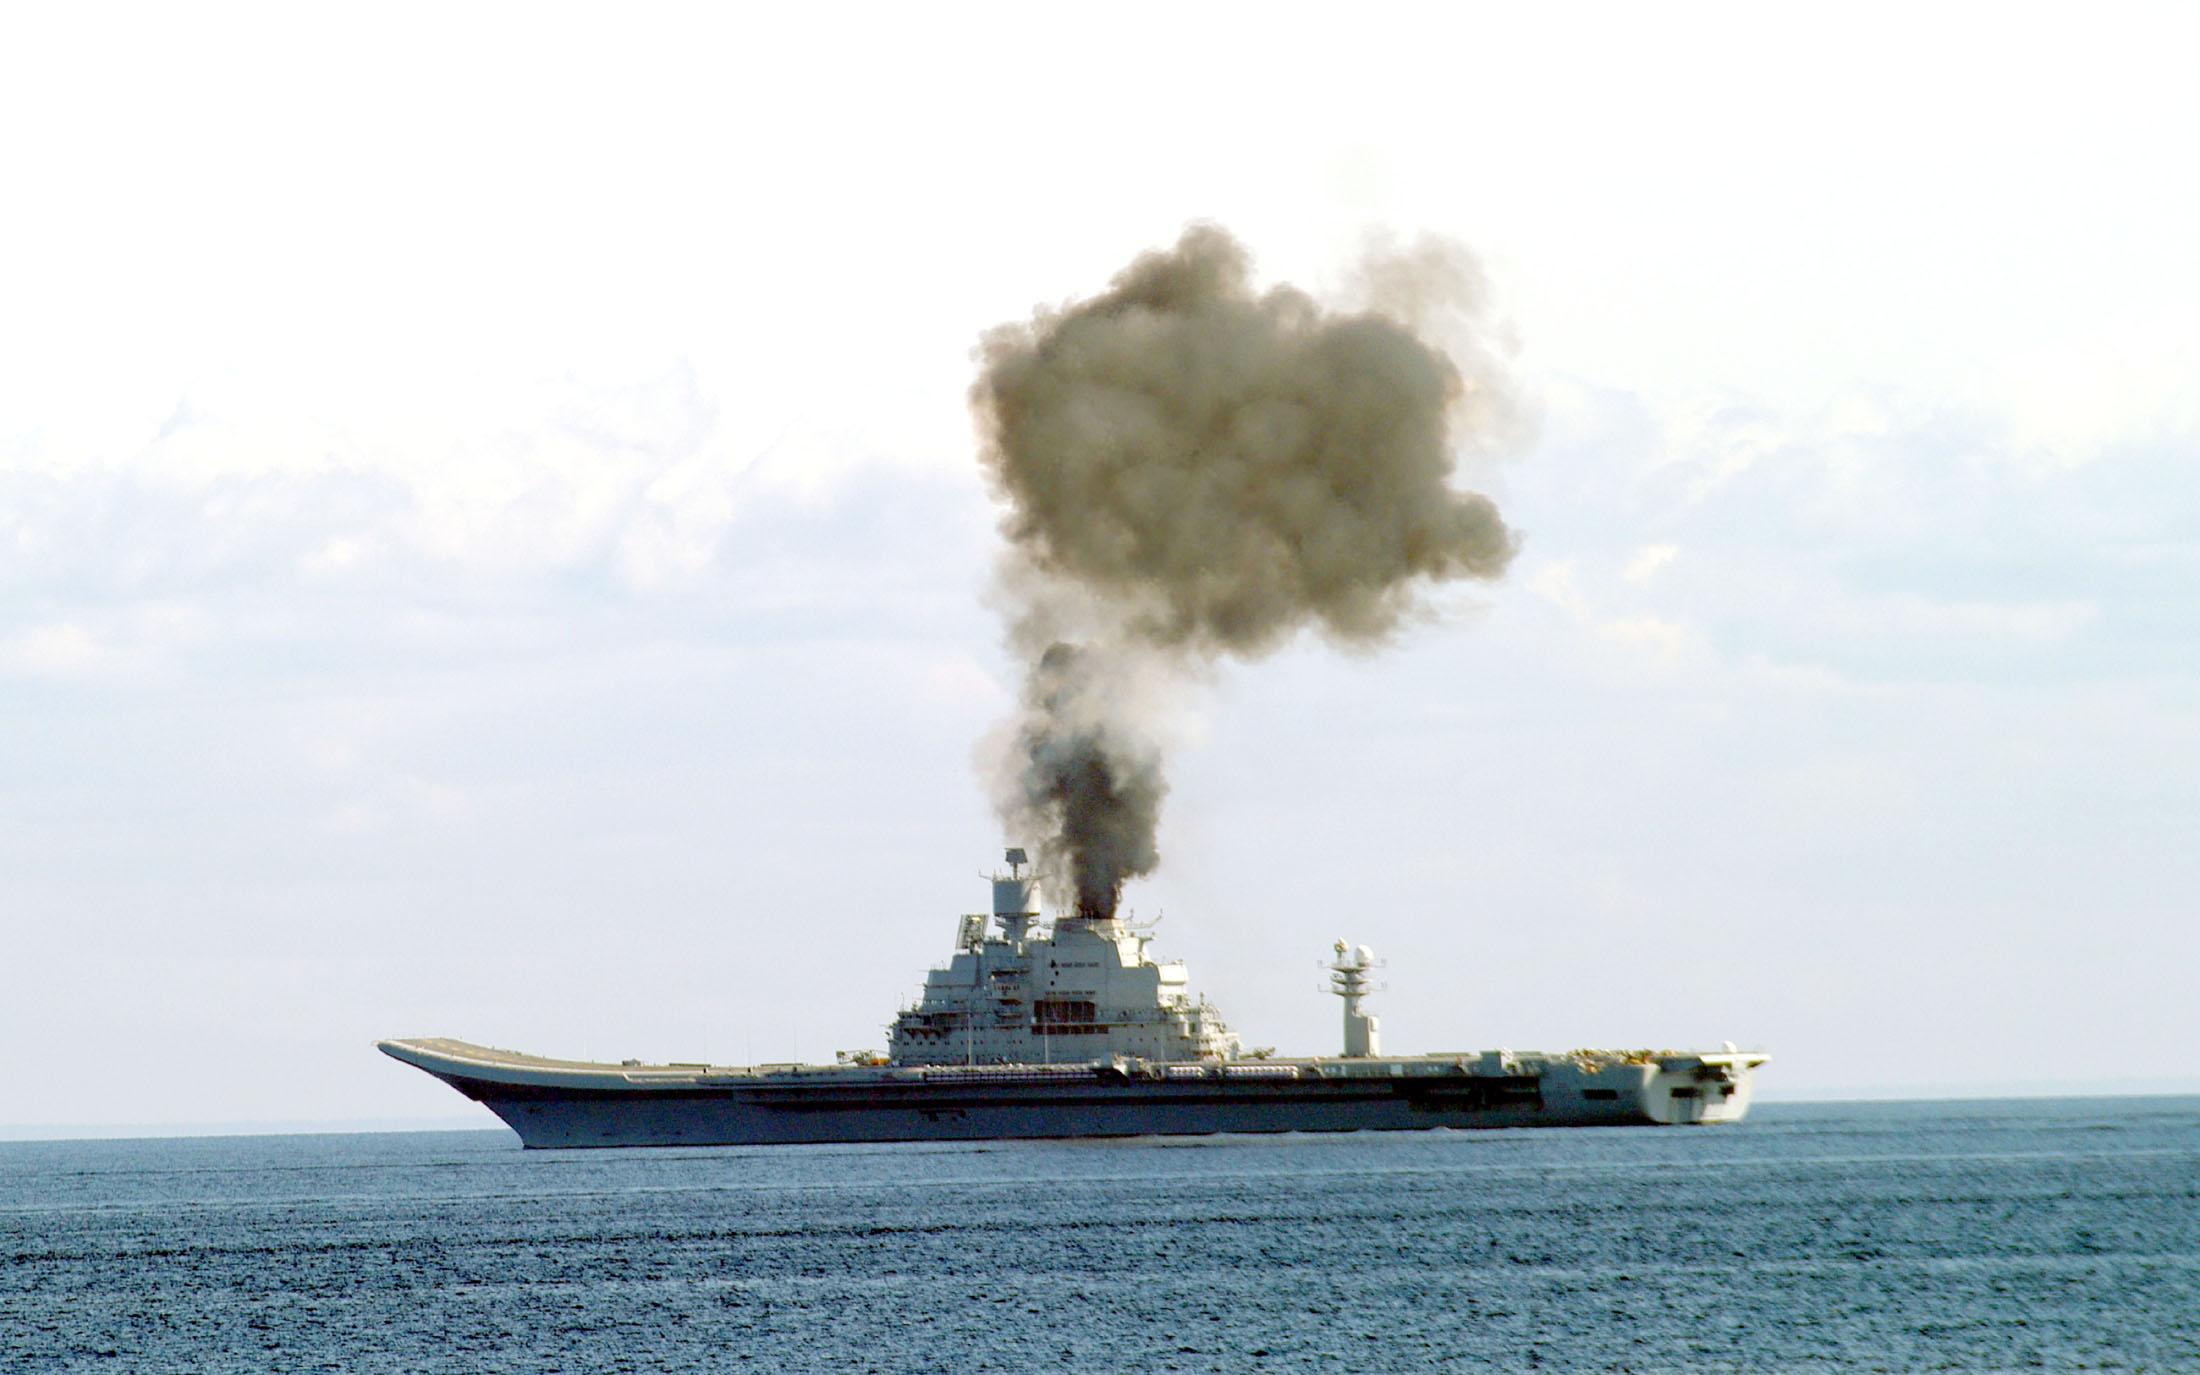 """Индийская газета """"The Hindu"""" в статье Vinay Kumar """"INS Vikramaditya sea trials successful"""" в номере от 29 июл успешно завершил этап заводских ходовых испытаний, развив при этом максимальную скорость 32 узла."""